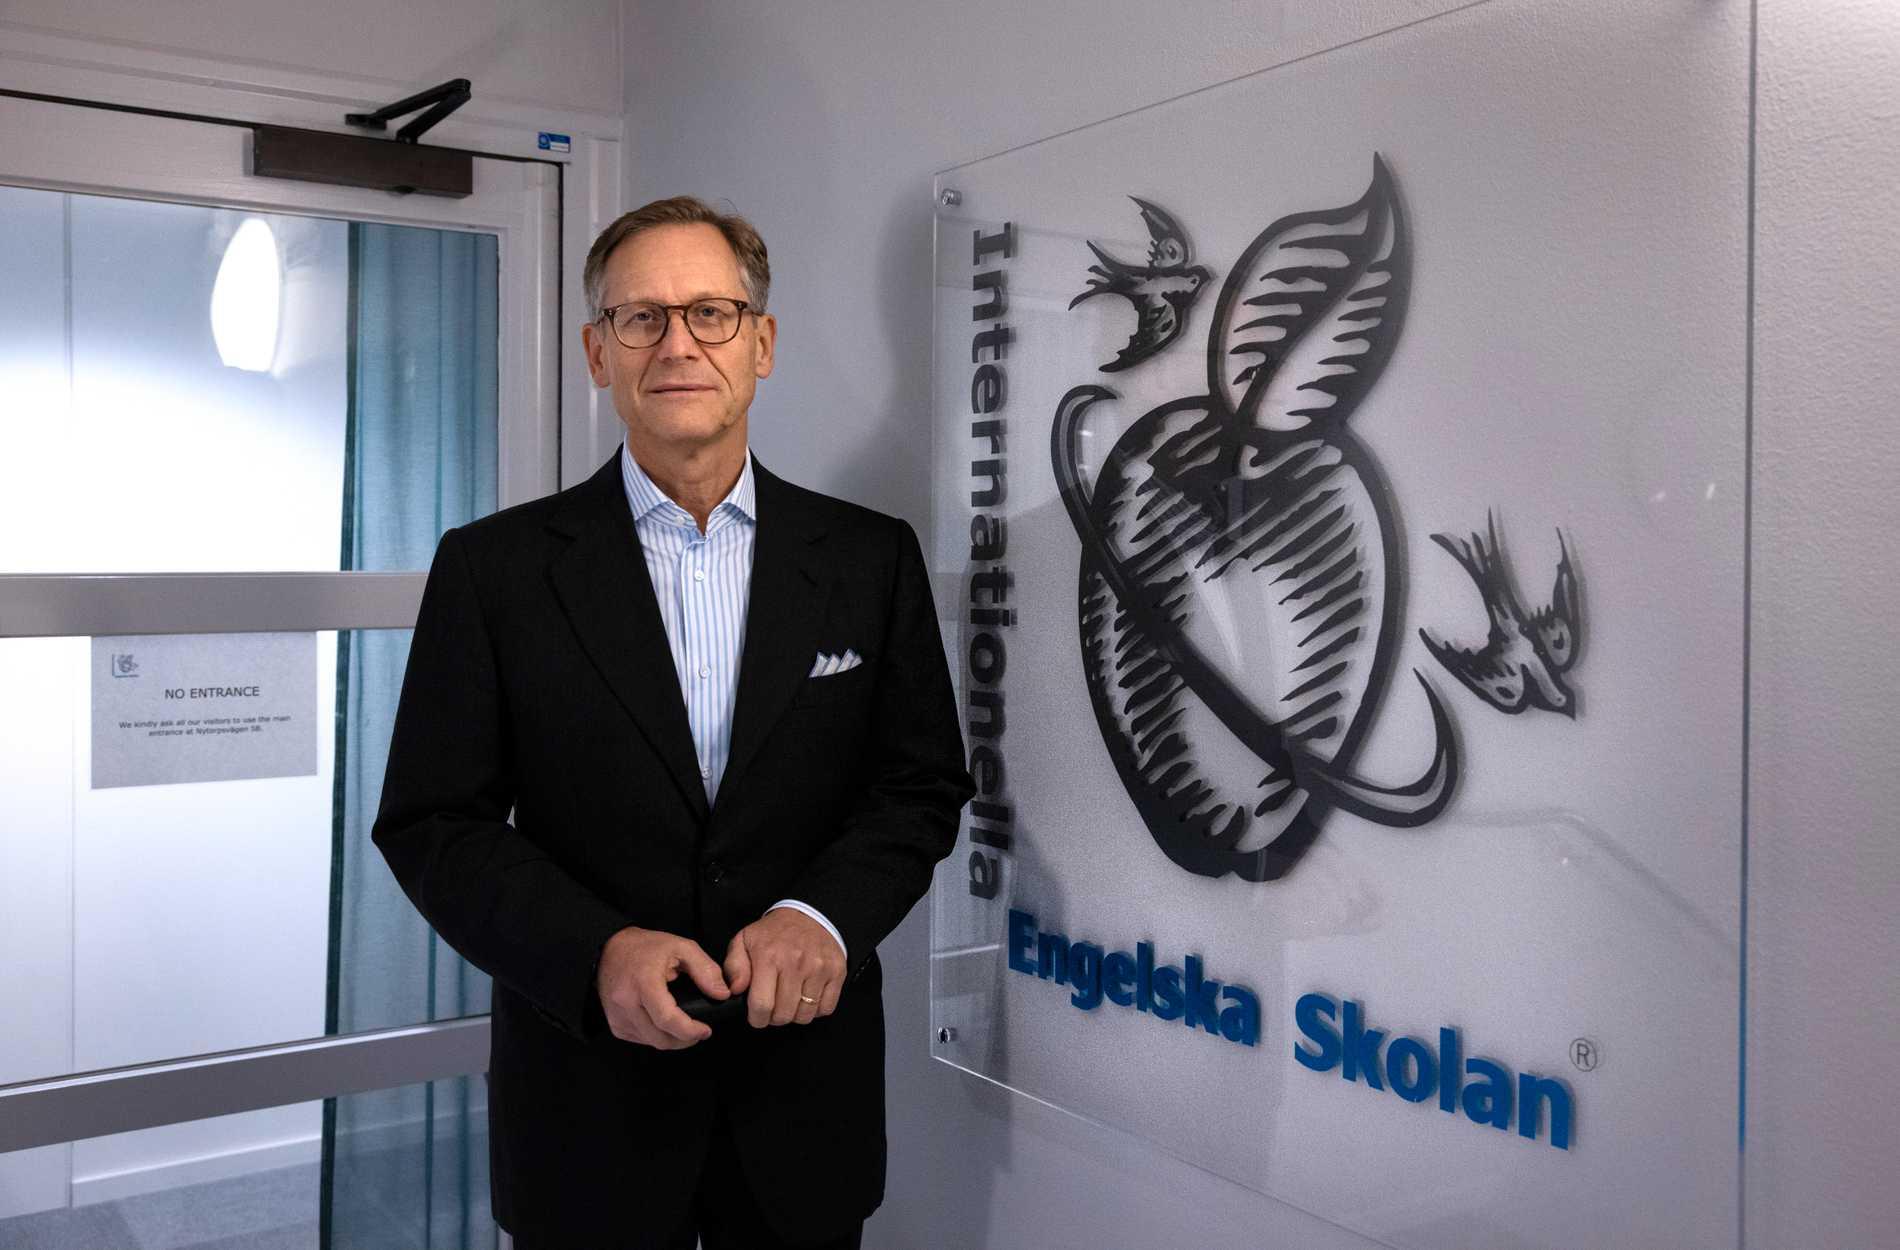 Fonden Paradigm Capital, med finansmannen Jan Hummel i spetsen, ligger bakom köpet av Internationella engelska skolan.